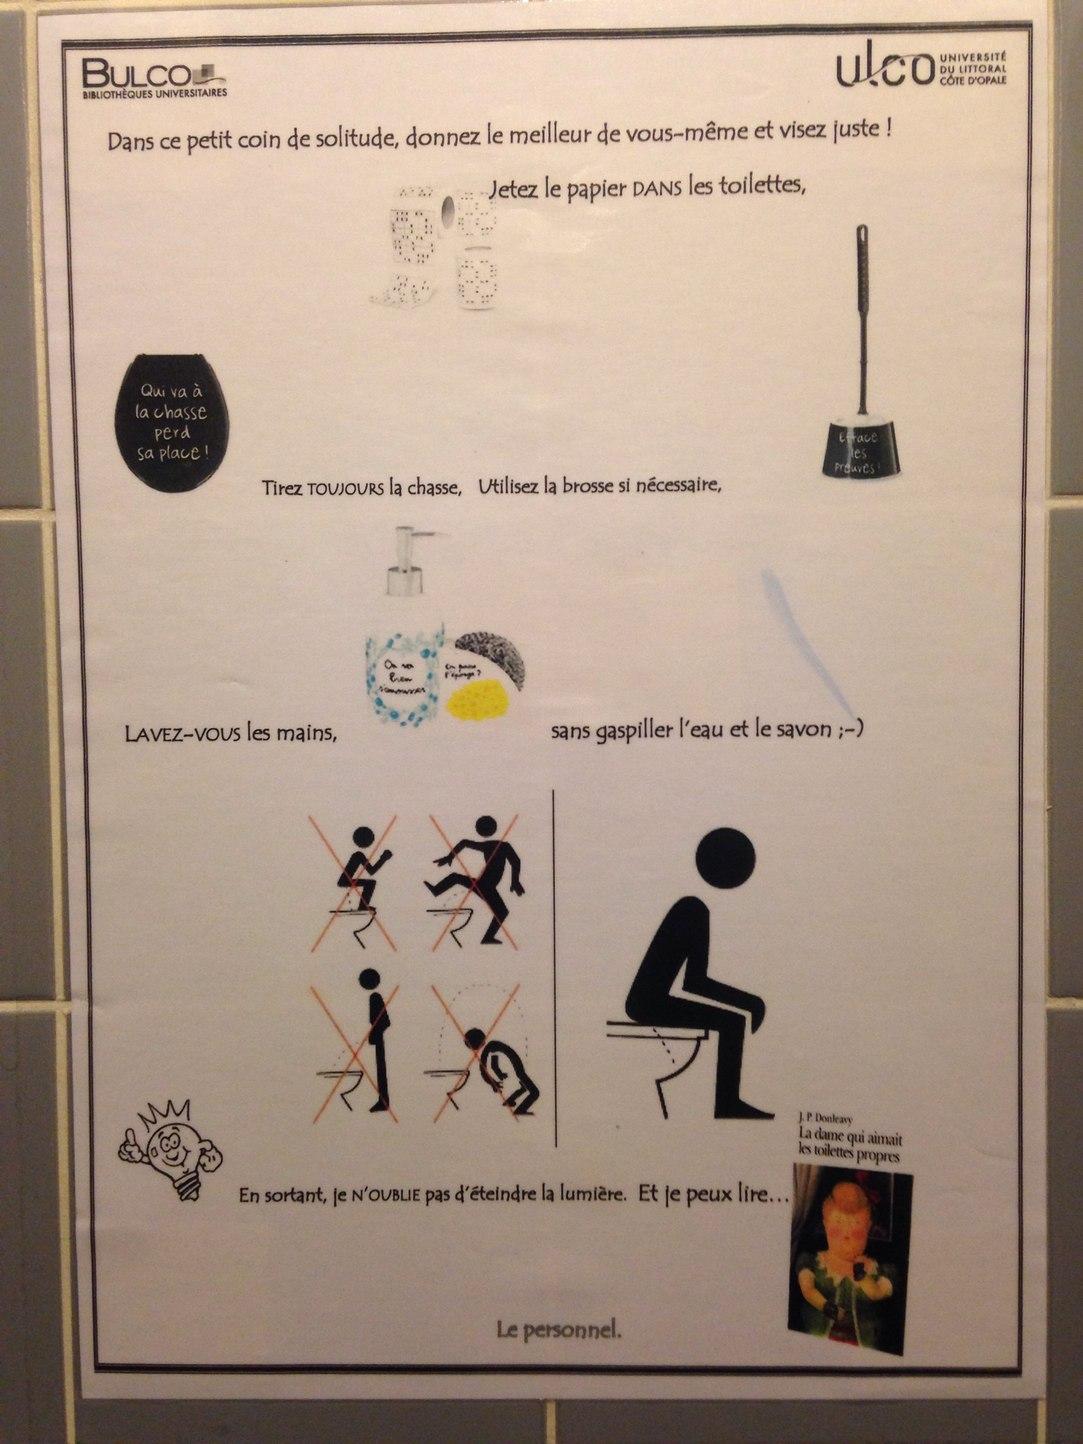 Voilà ce que j'ai vu dans les toilettes d'une bibliothèque... - meme